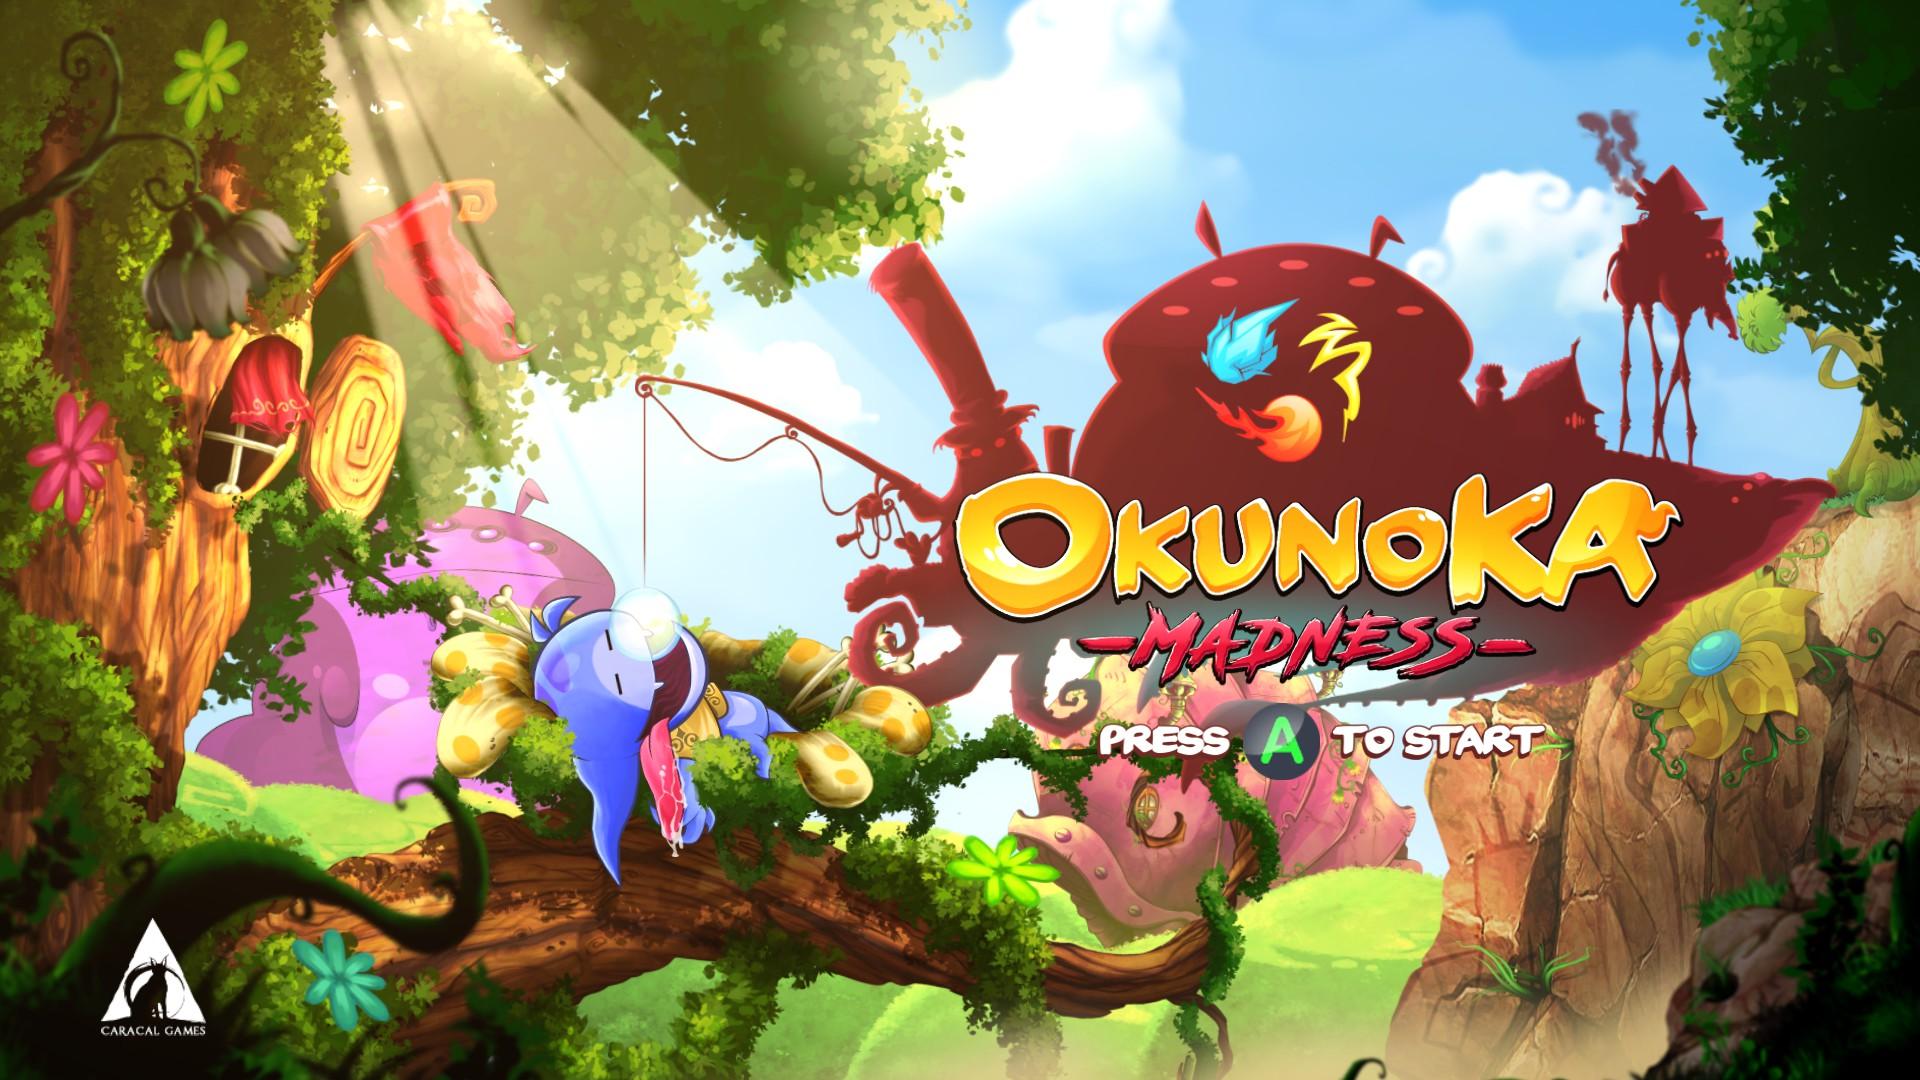 OkunoKA_Madness_GeekAnimea